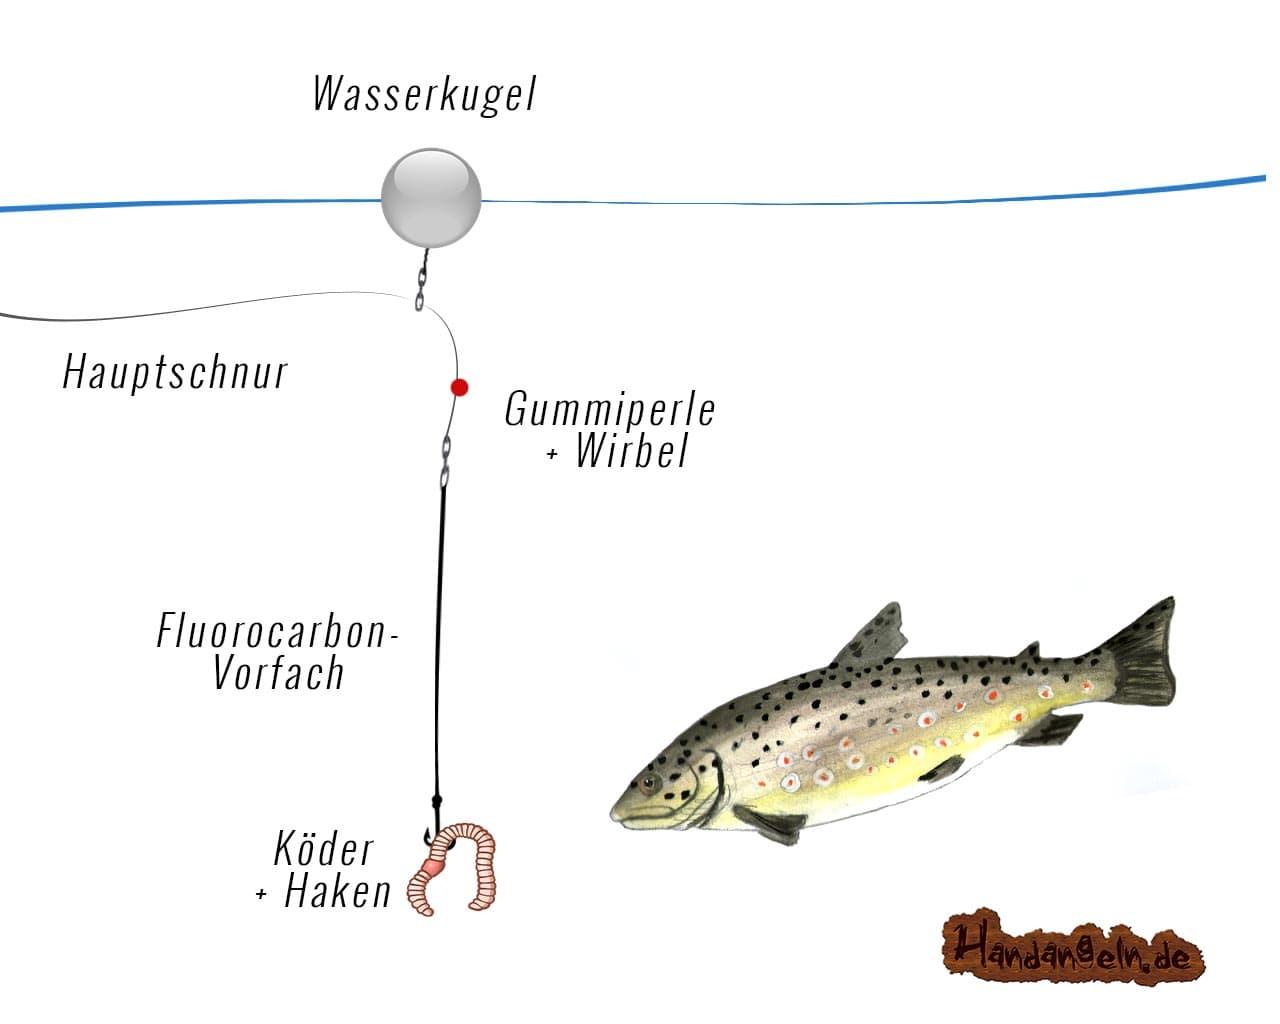 Wasserkugel Angelmontage Forelle ohne Pilotkugel Wirbelöse Illustration